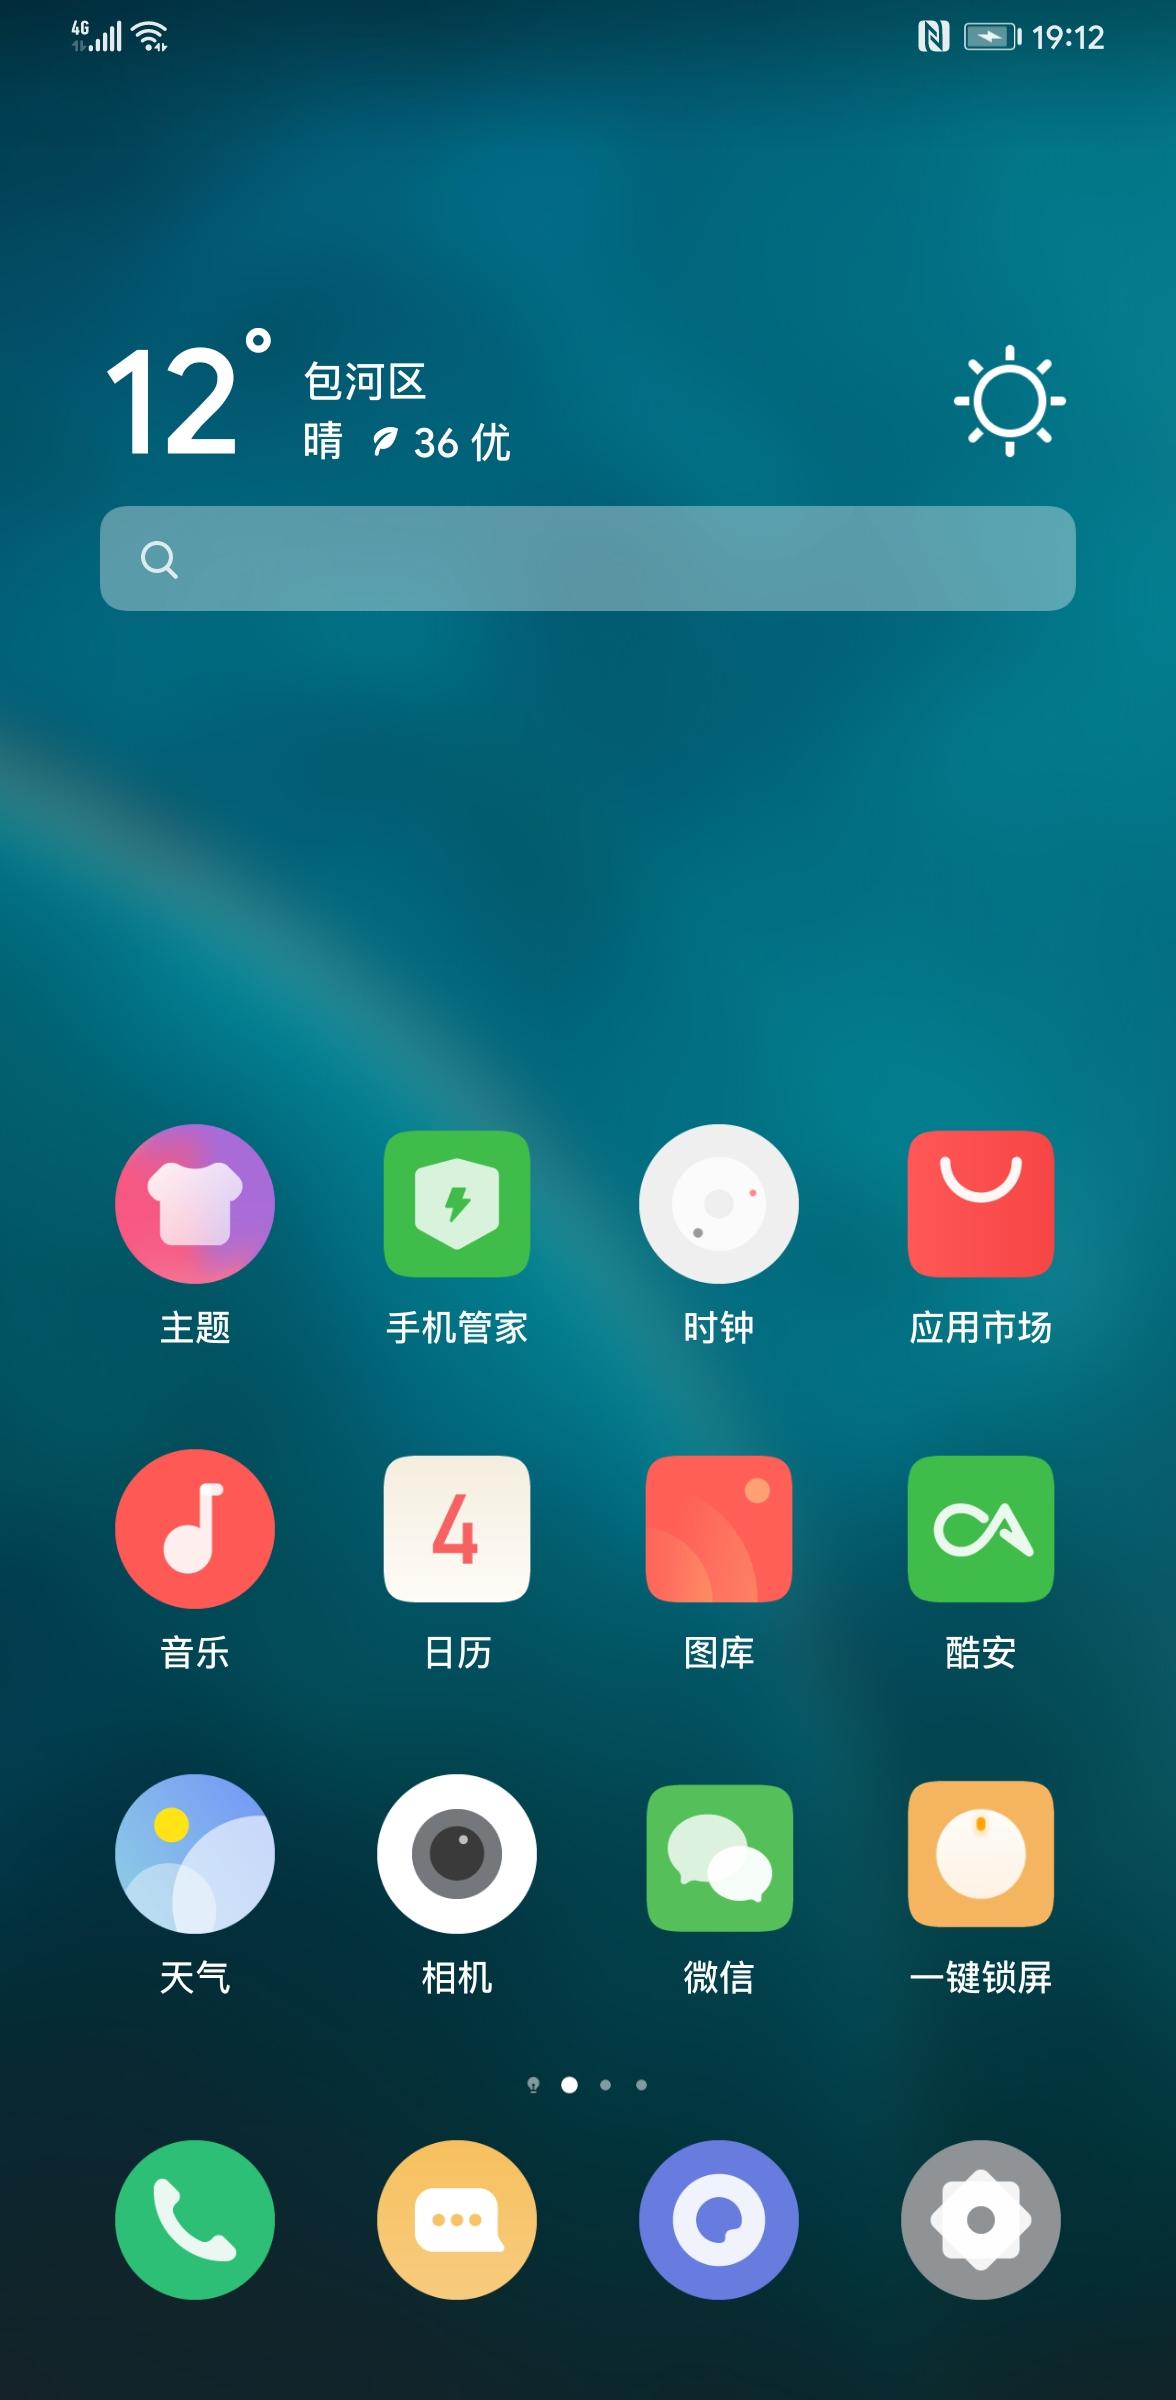 Screenshot_20191204_191255_com.huawei.android.launcher.jpg